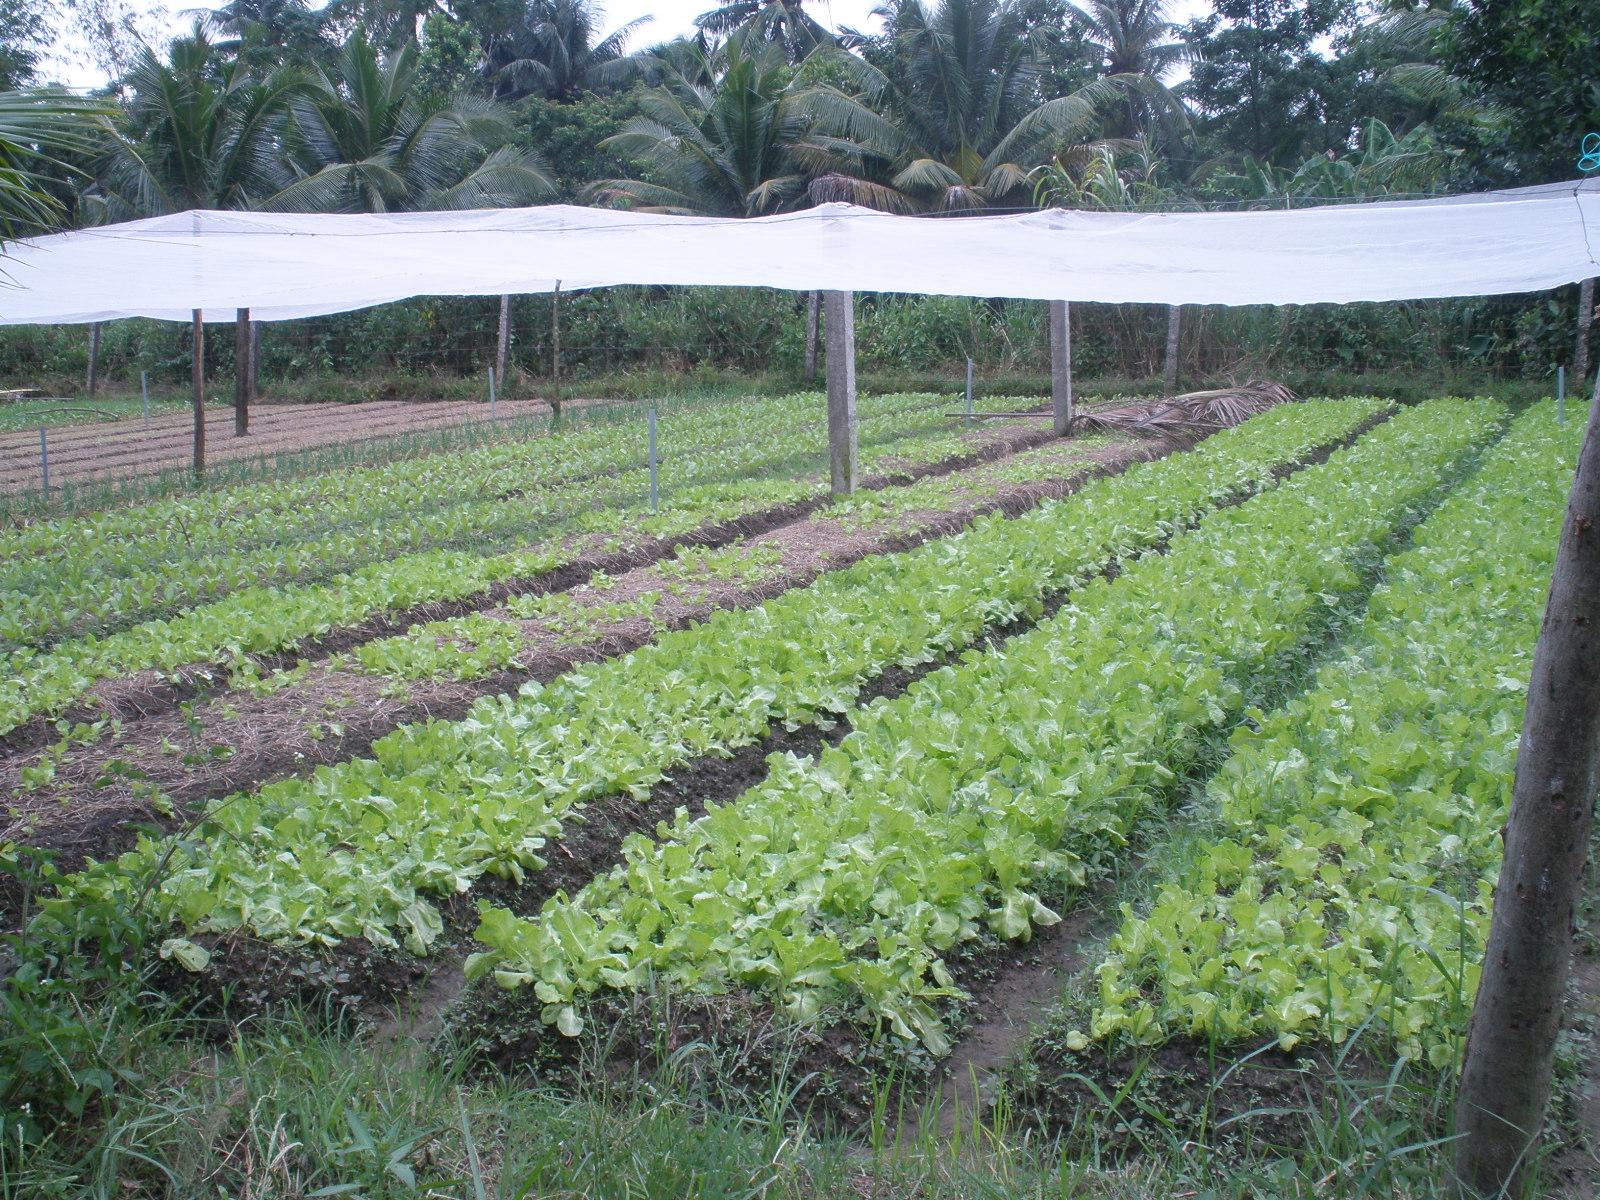 Mô hình lưới chống muỗi ngoài vườn được nhân rộng